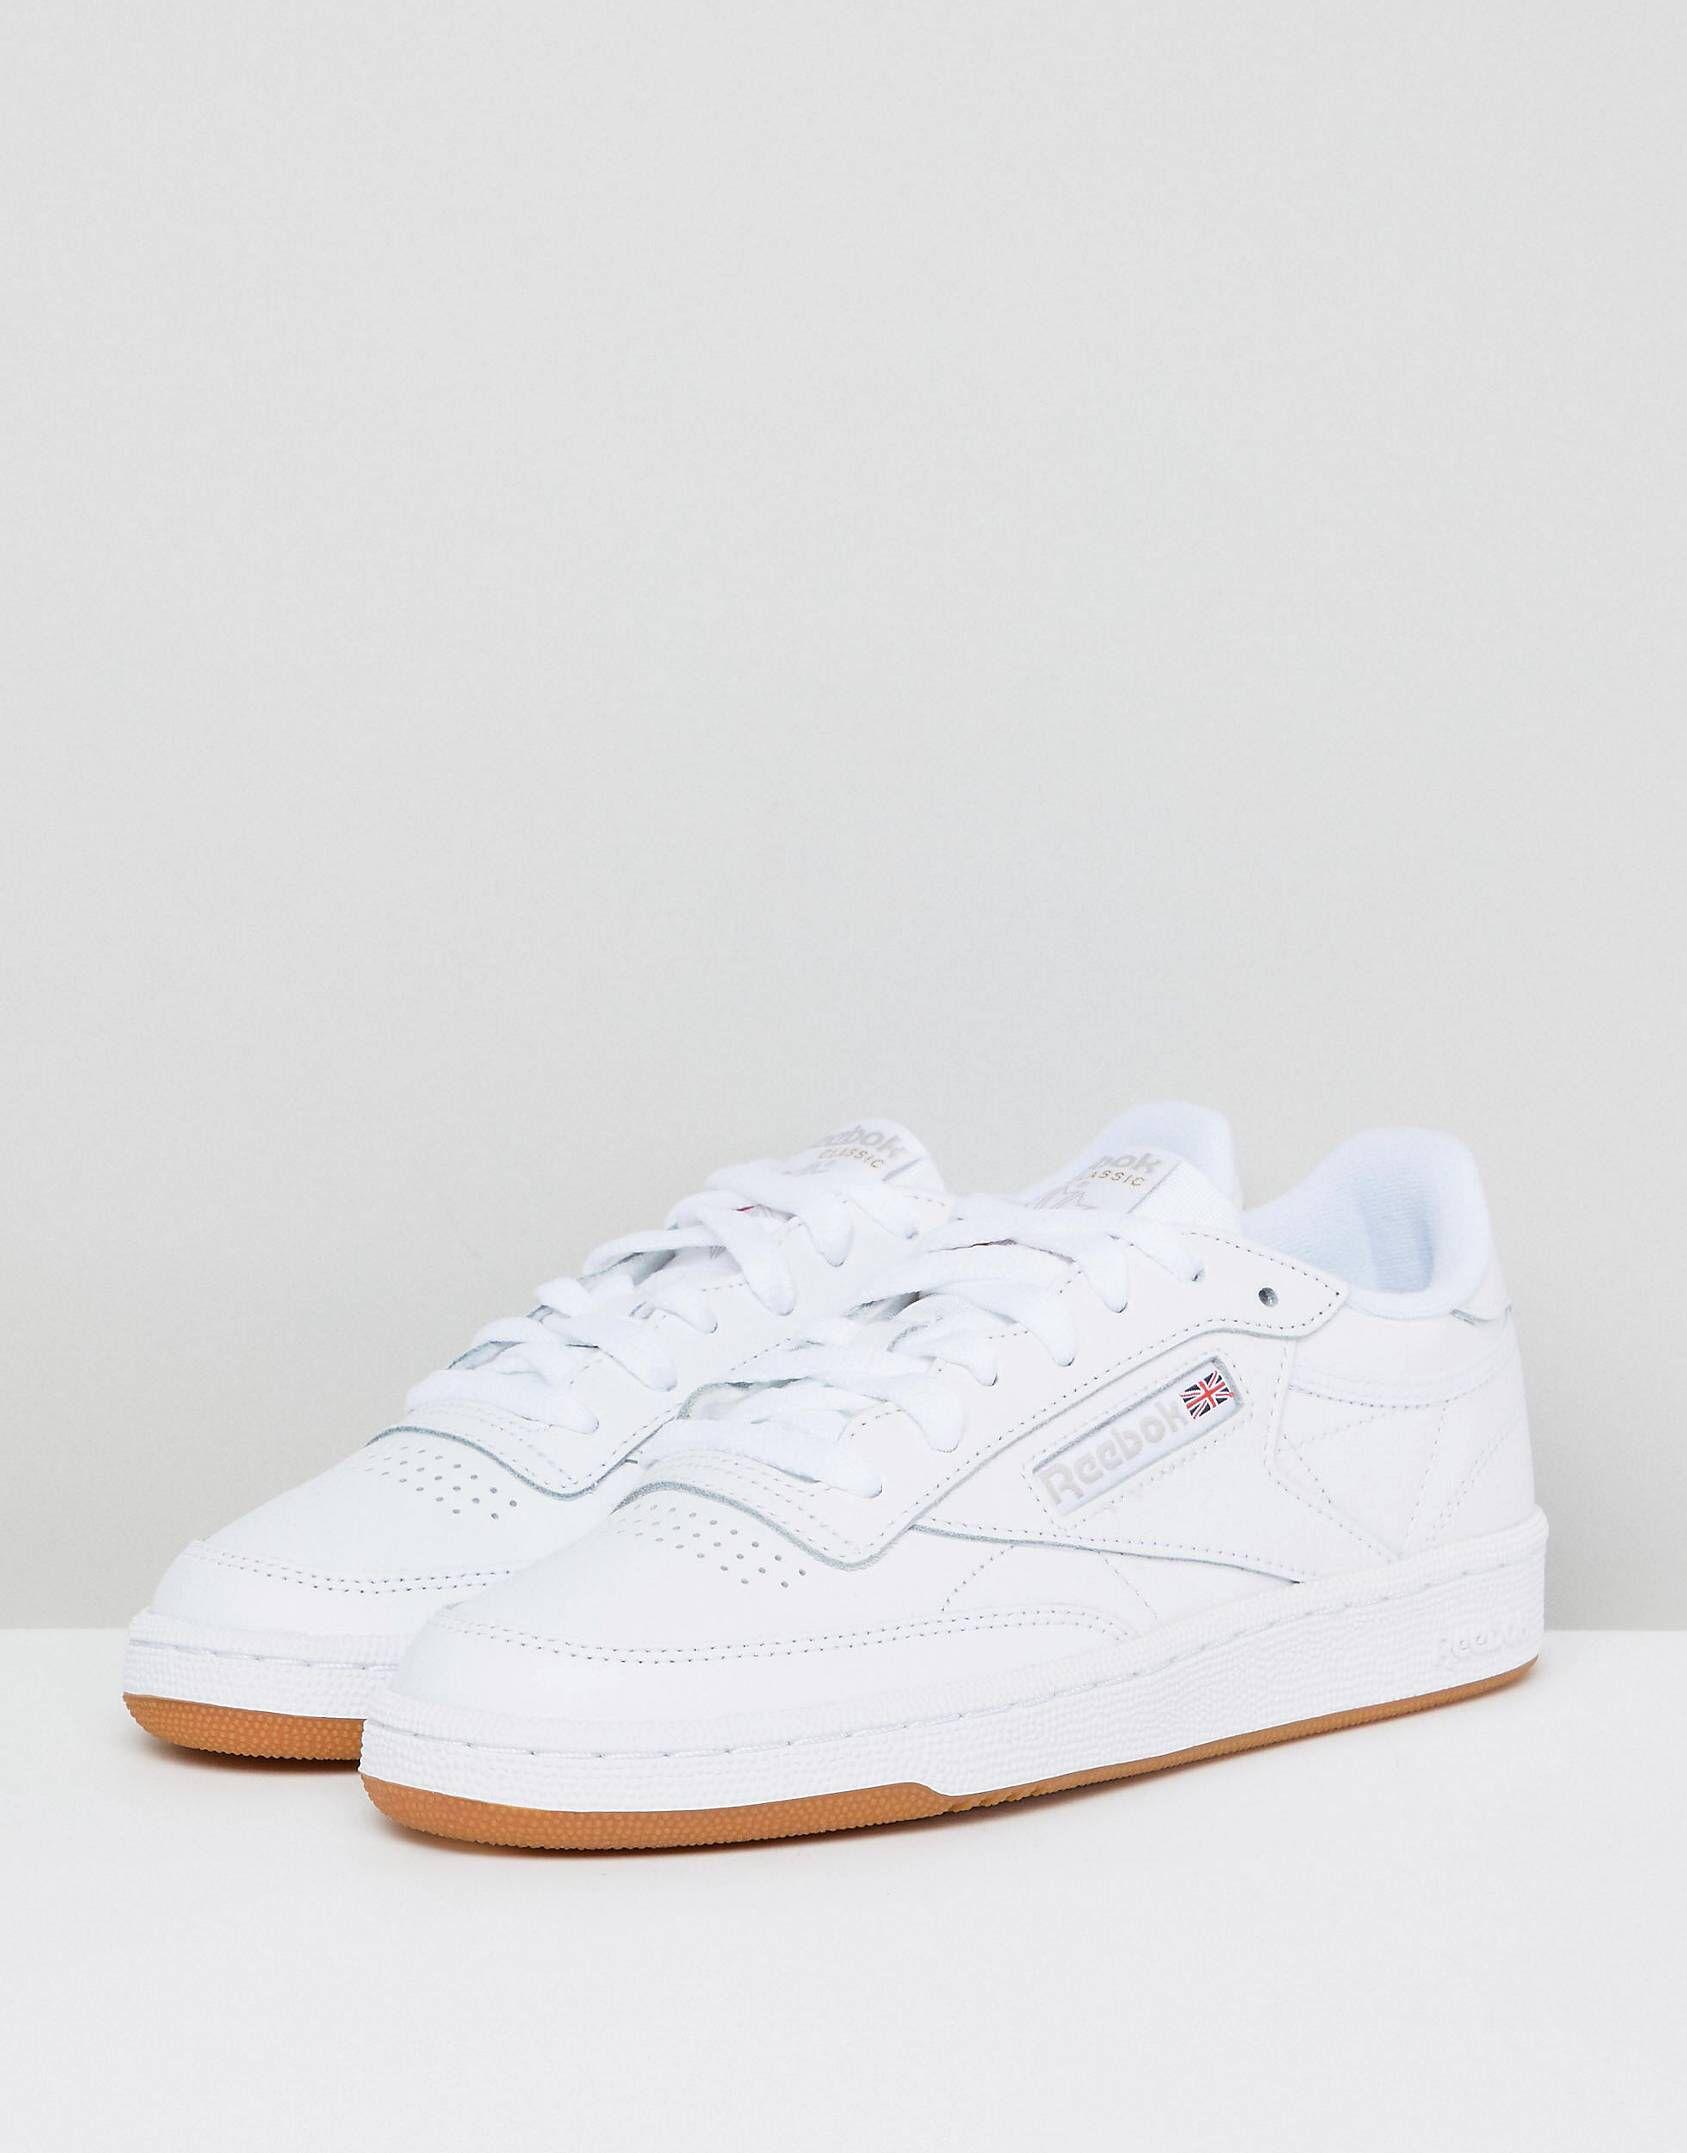 exquisite handwerkskunst wo zu kaufen attraktiver Stil Reebok Classic Club C 85 Sneakers In White Leather With Gum ...